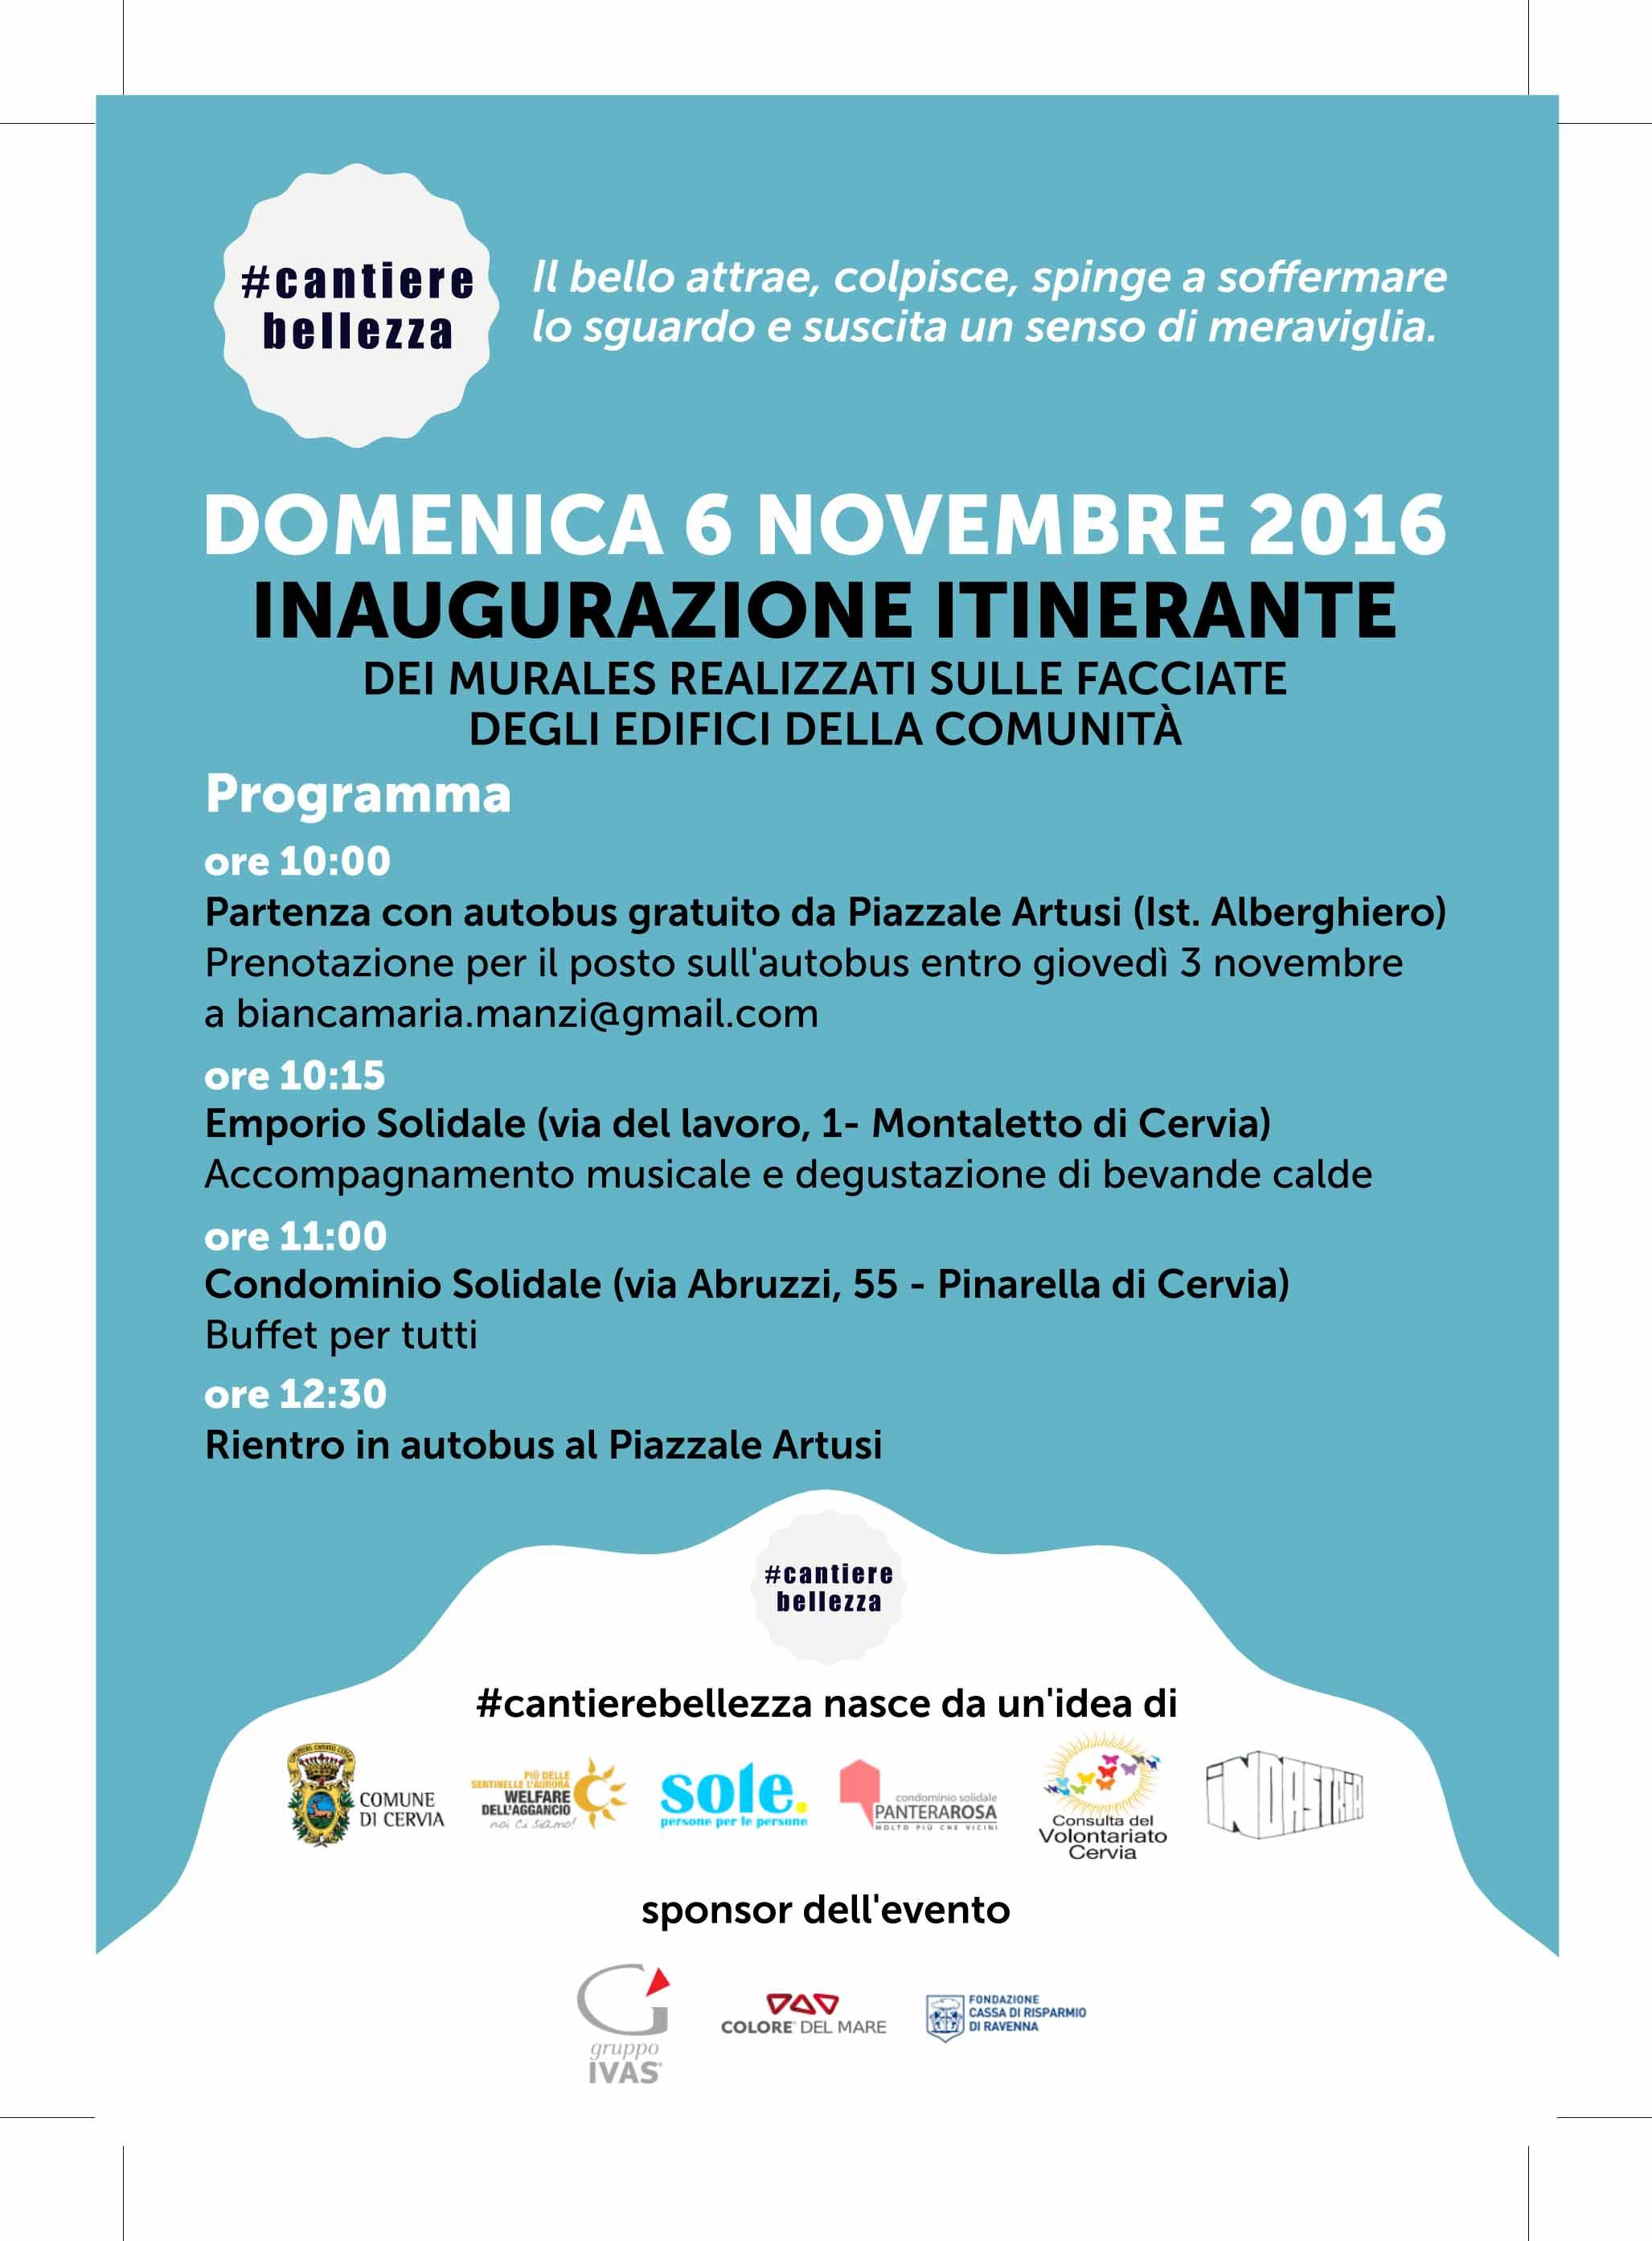 Inaugurazione_cervia_welfare dell'aggancio_emporio_condominio solidale